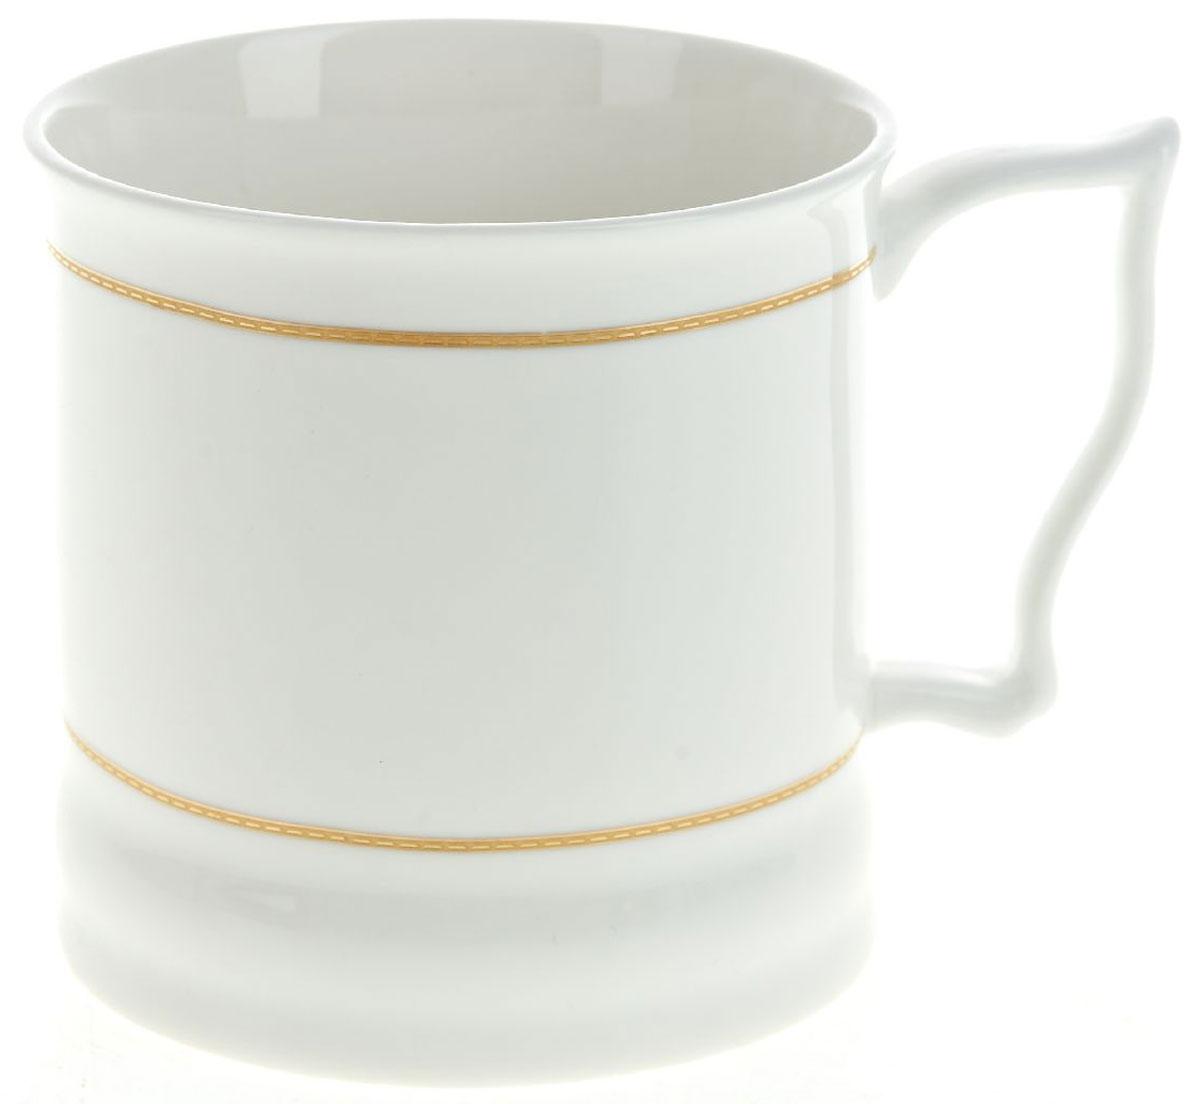 Кружка BHP Королевская кружка, 500 мл. M1870041M1870041Оригинальная кружка Best Home Porcelain, выполненная из высококачественного фарфора, сочетает в себе простой, утонченный дизайн с максимальной функциональностью. Можно использовать в посудомоечной машине.